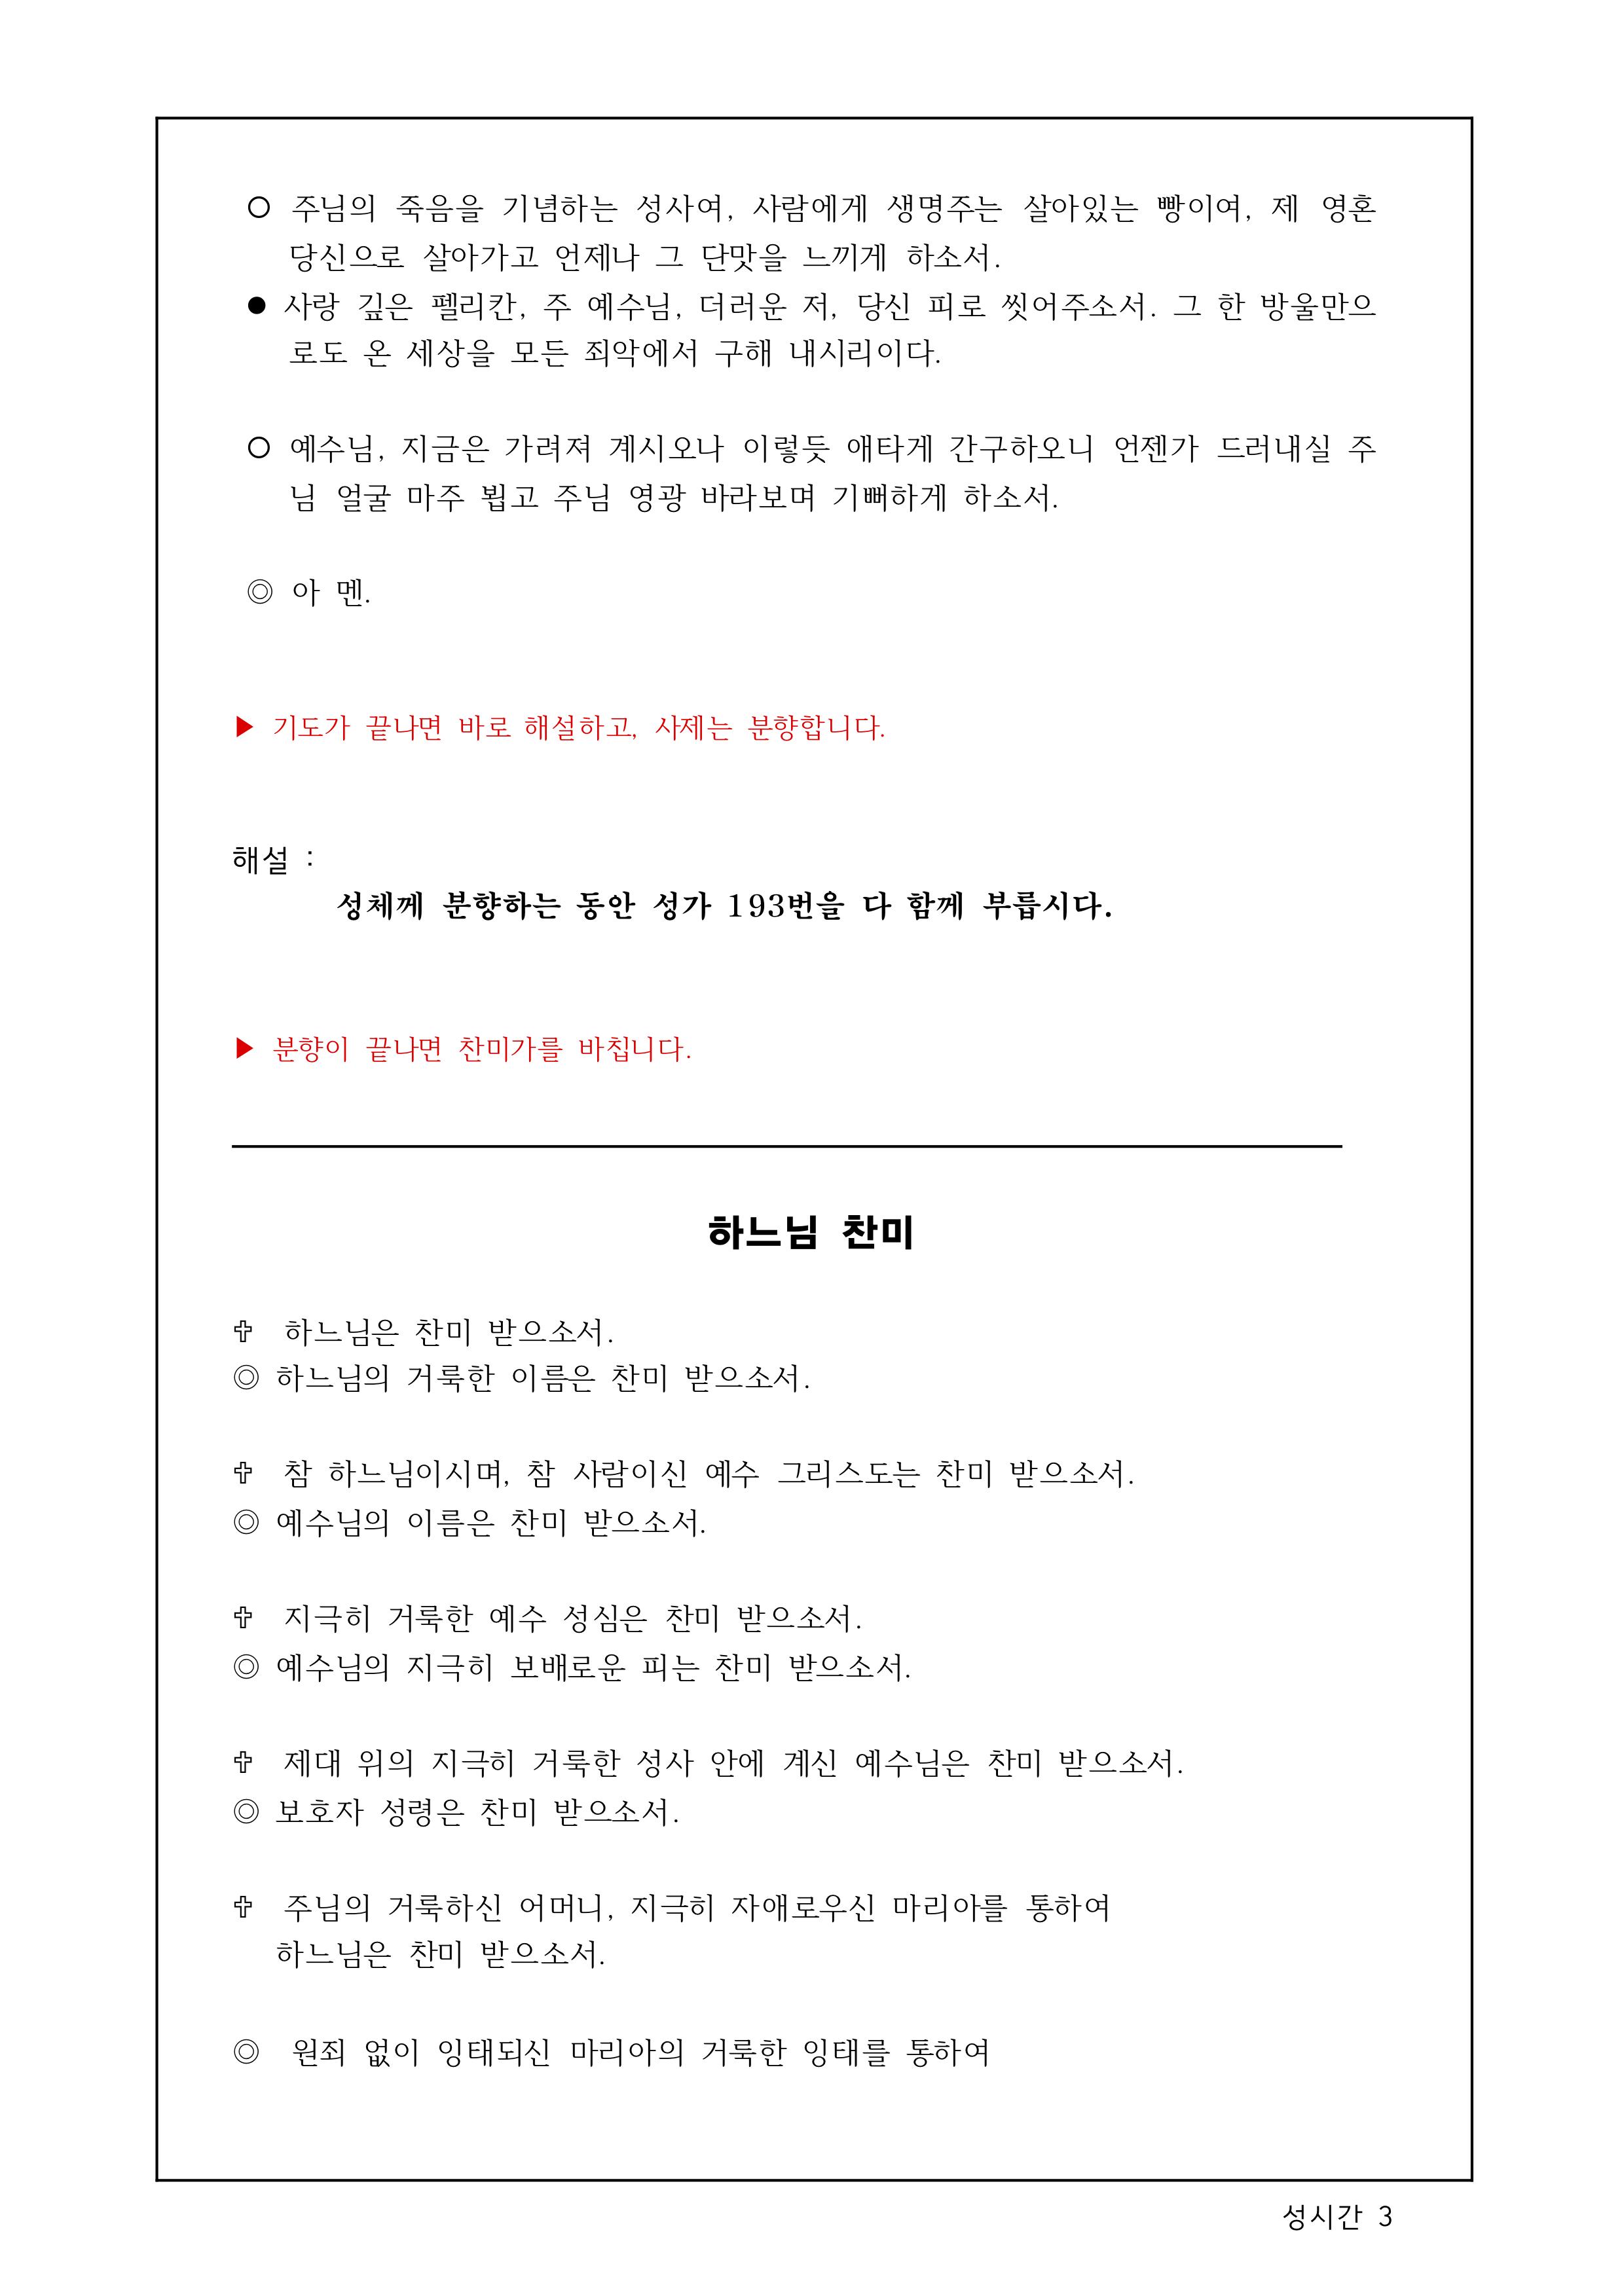 괴정성당 성시간(201909수정) 3.jpg